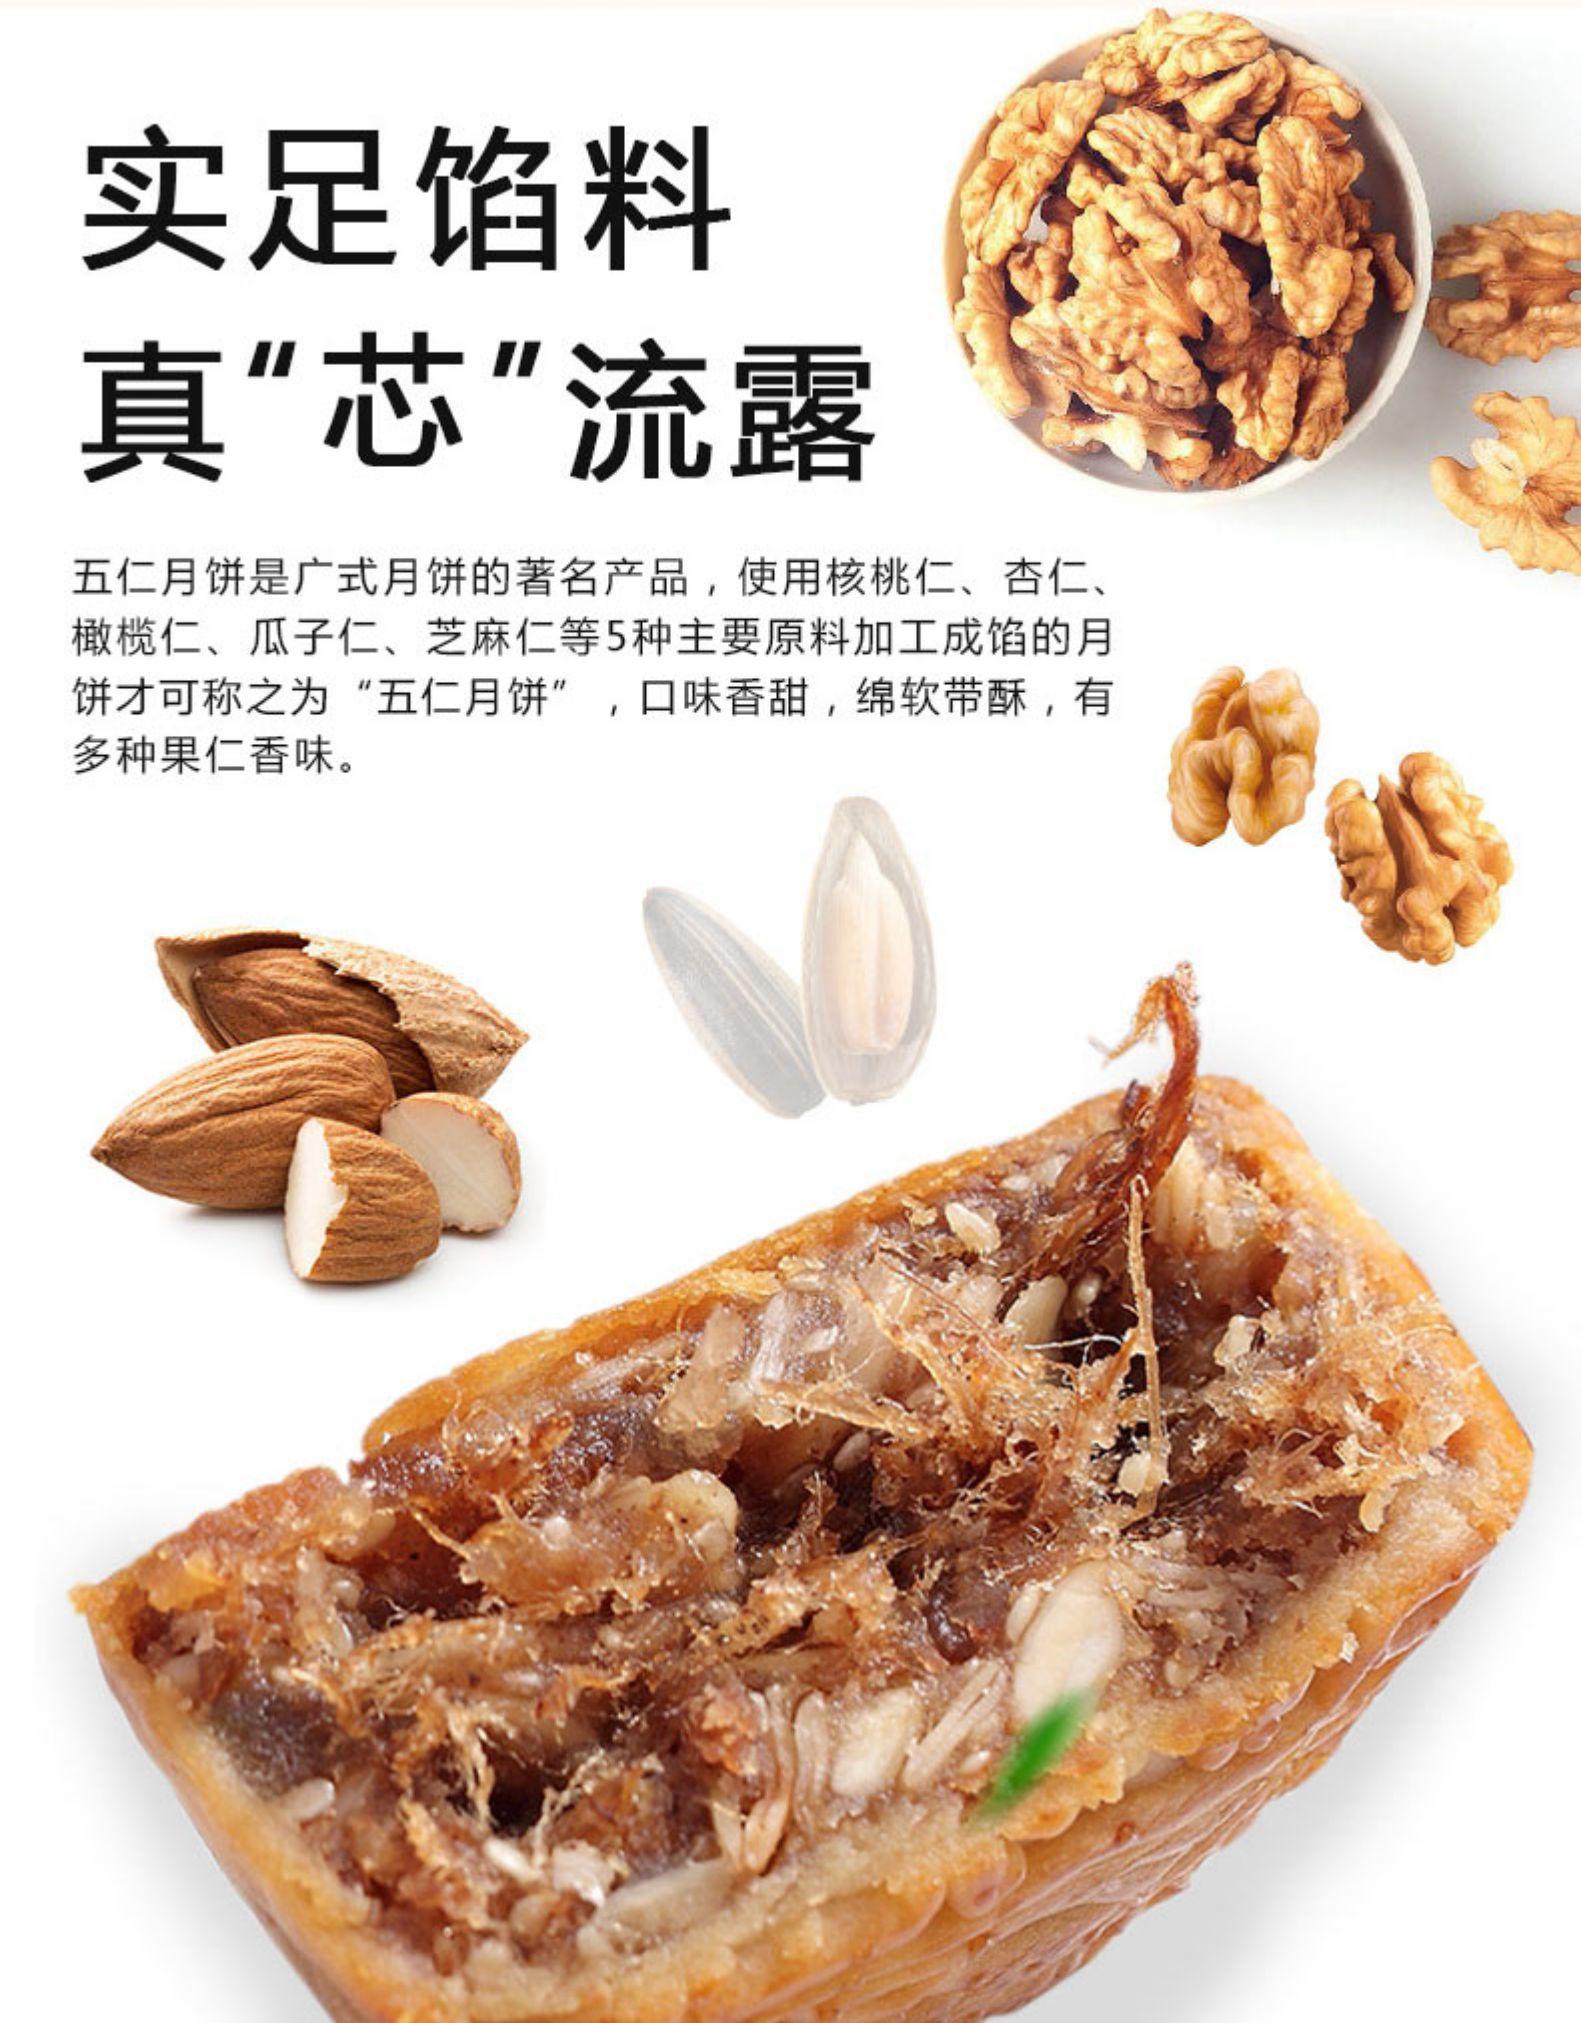 海龙阁散装多口味礼盒鲜肉五仁小金腿月饼,仅需17.8! 12